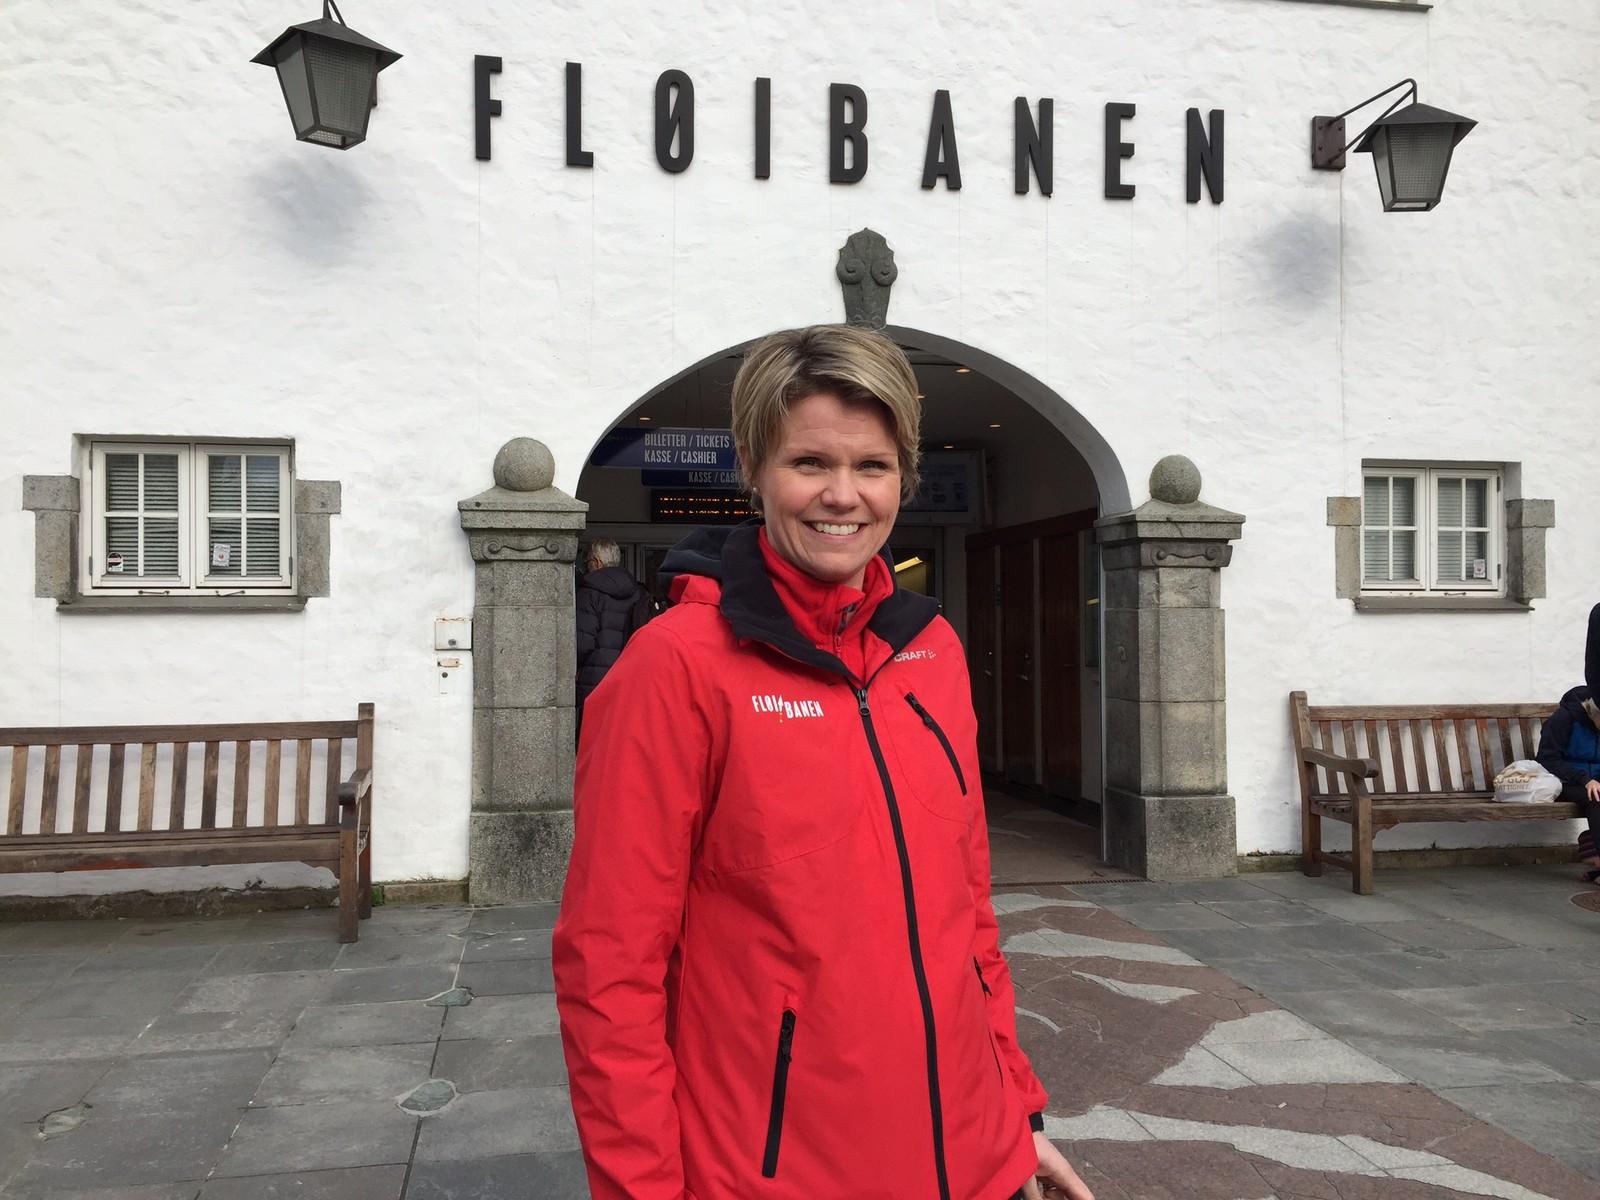 NY JOBB: Da Anita Nybø (43) startet i jobben som ny direktør 1. februar var det én ting hun bestemte seg for å lære: Å føre Fløibanen.